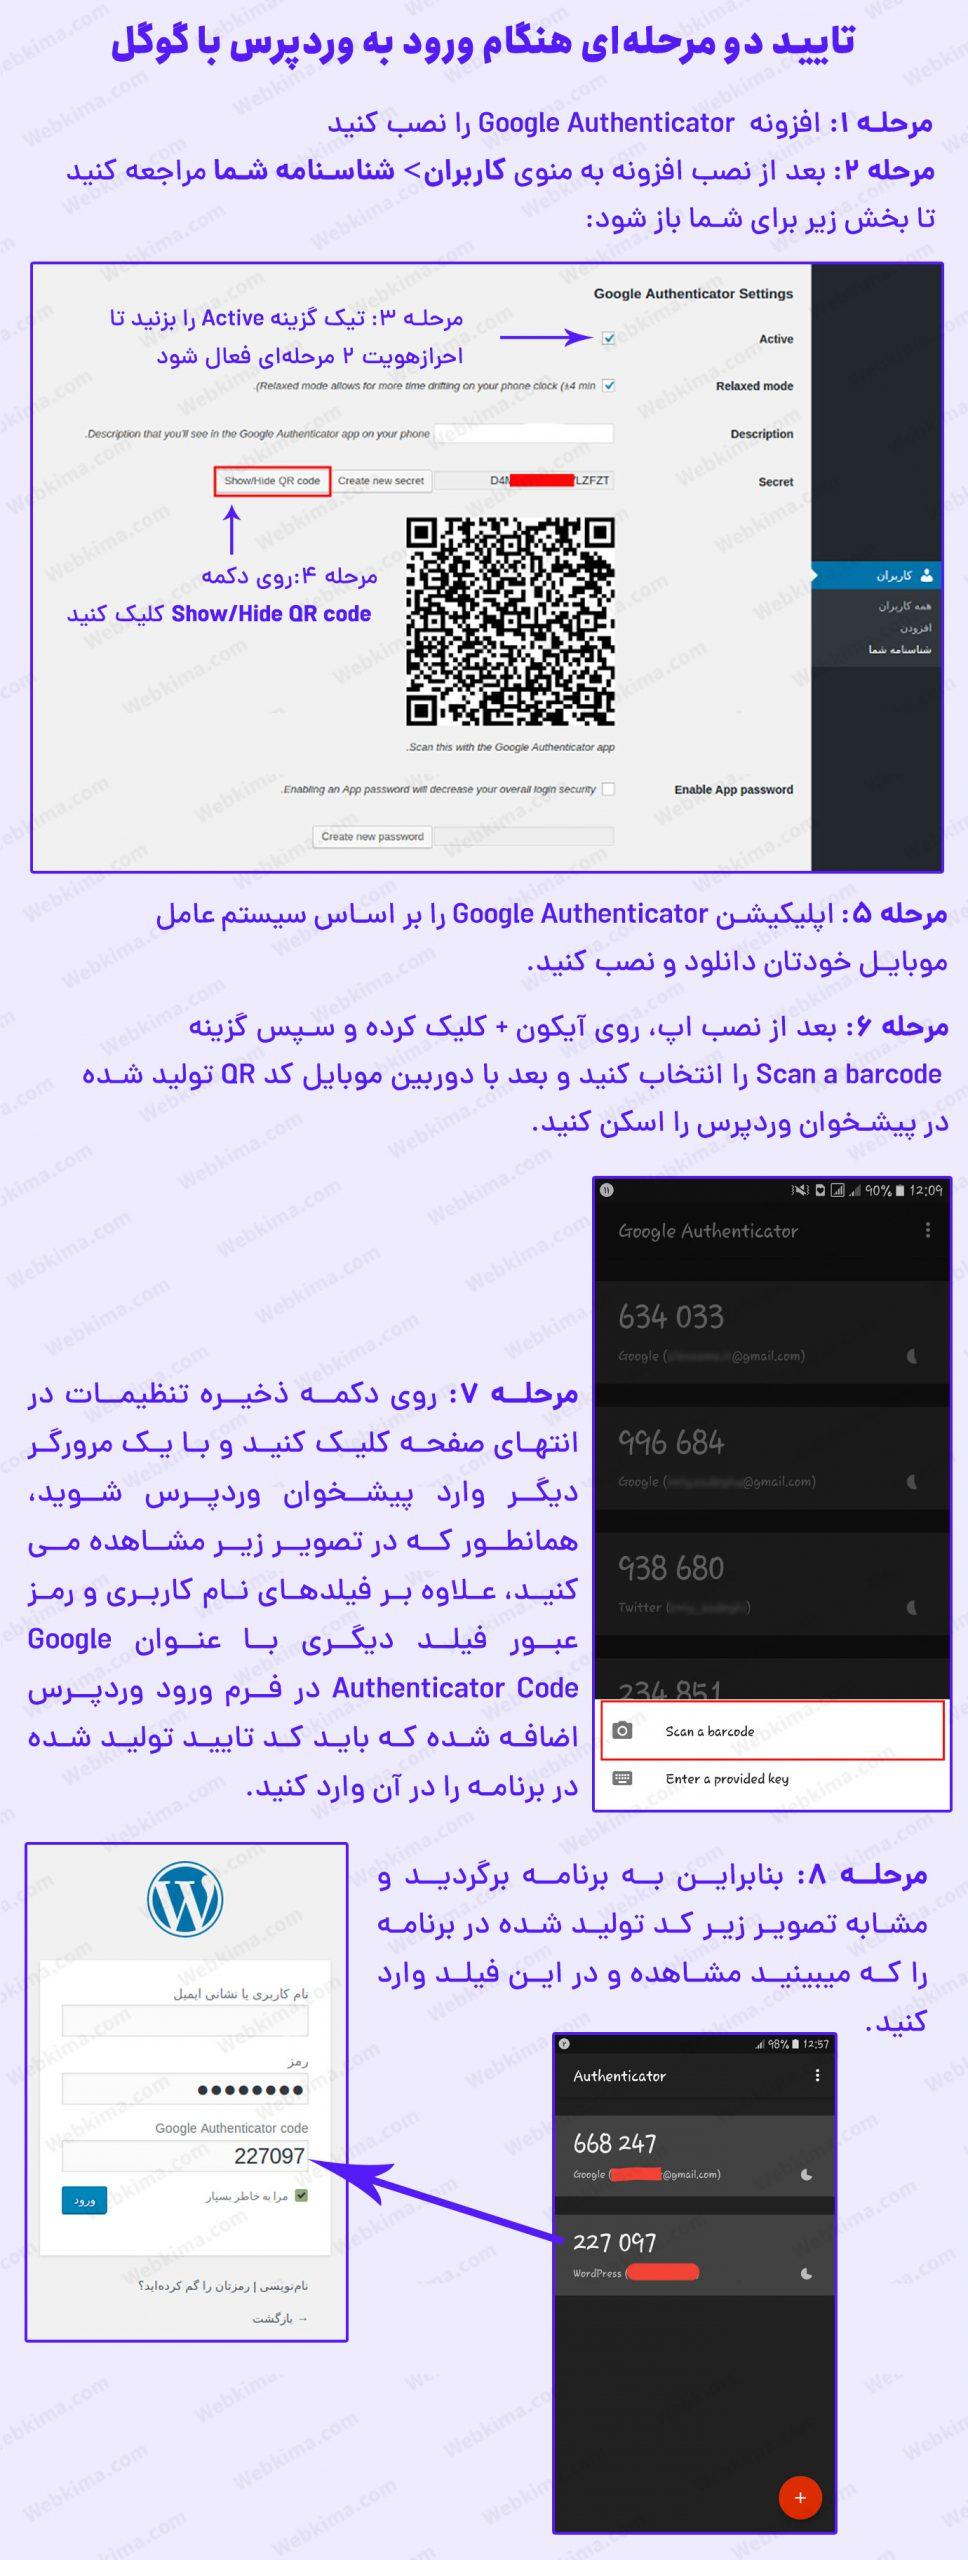 راهنمای جامع فعال کردن احراز هویت دو مرحلهای با افزونه Google Authenticator